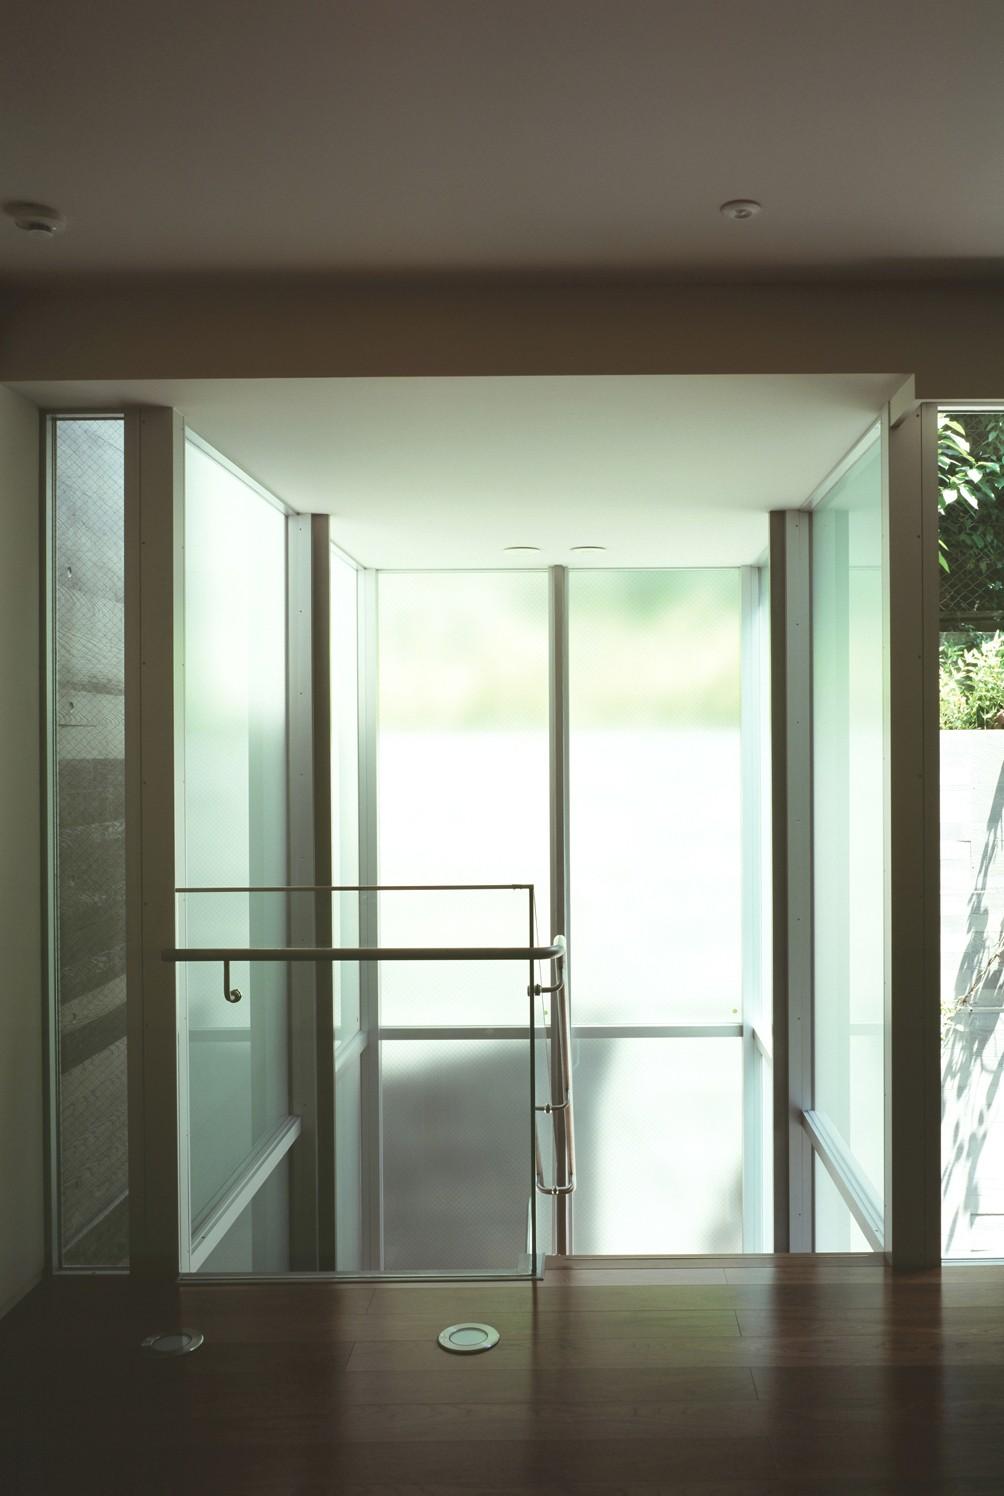 リビングダイニング事例:中庭へ下りて行くガラス張り階段室の様子(HIROO FLAT:地形への応答)